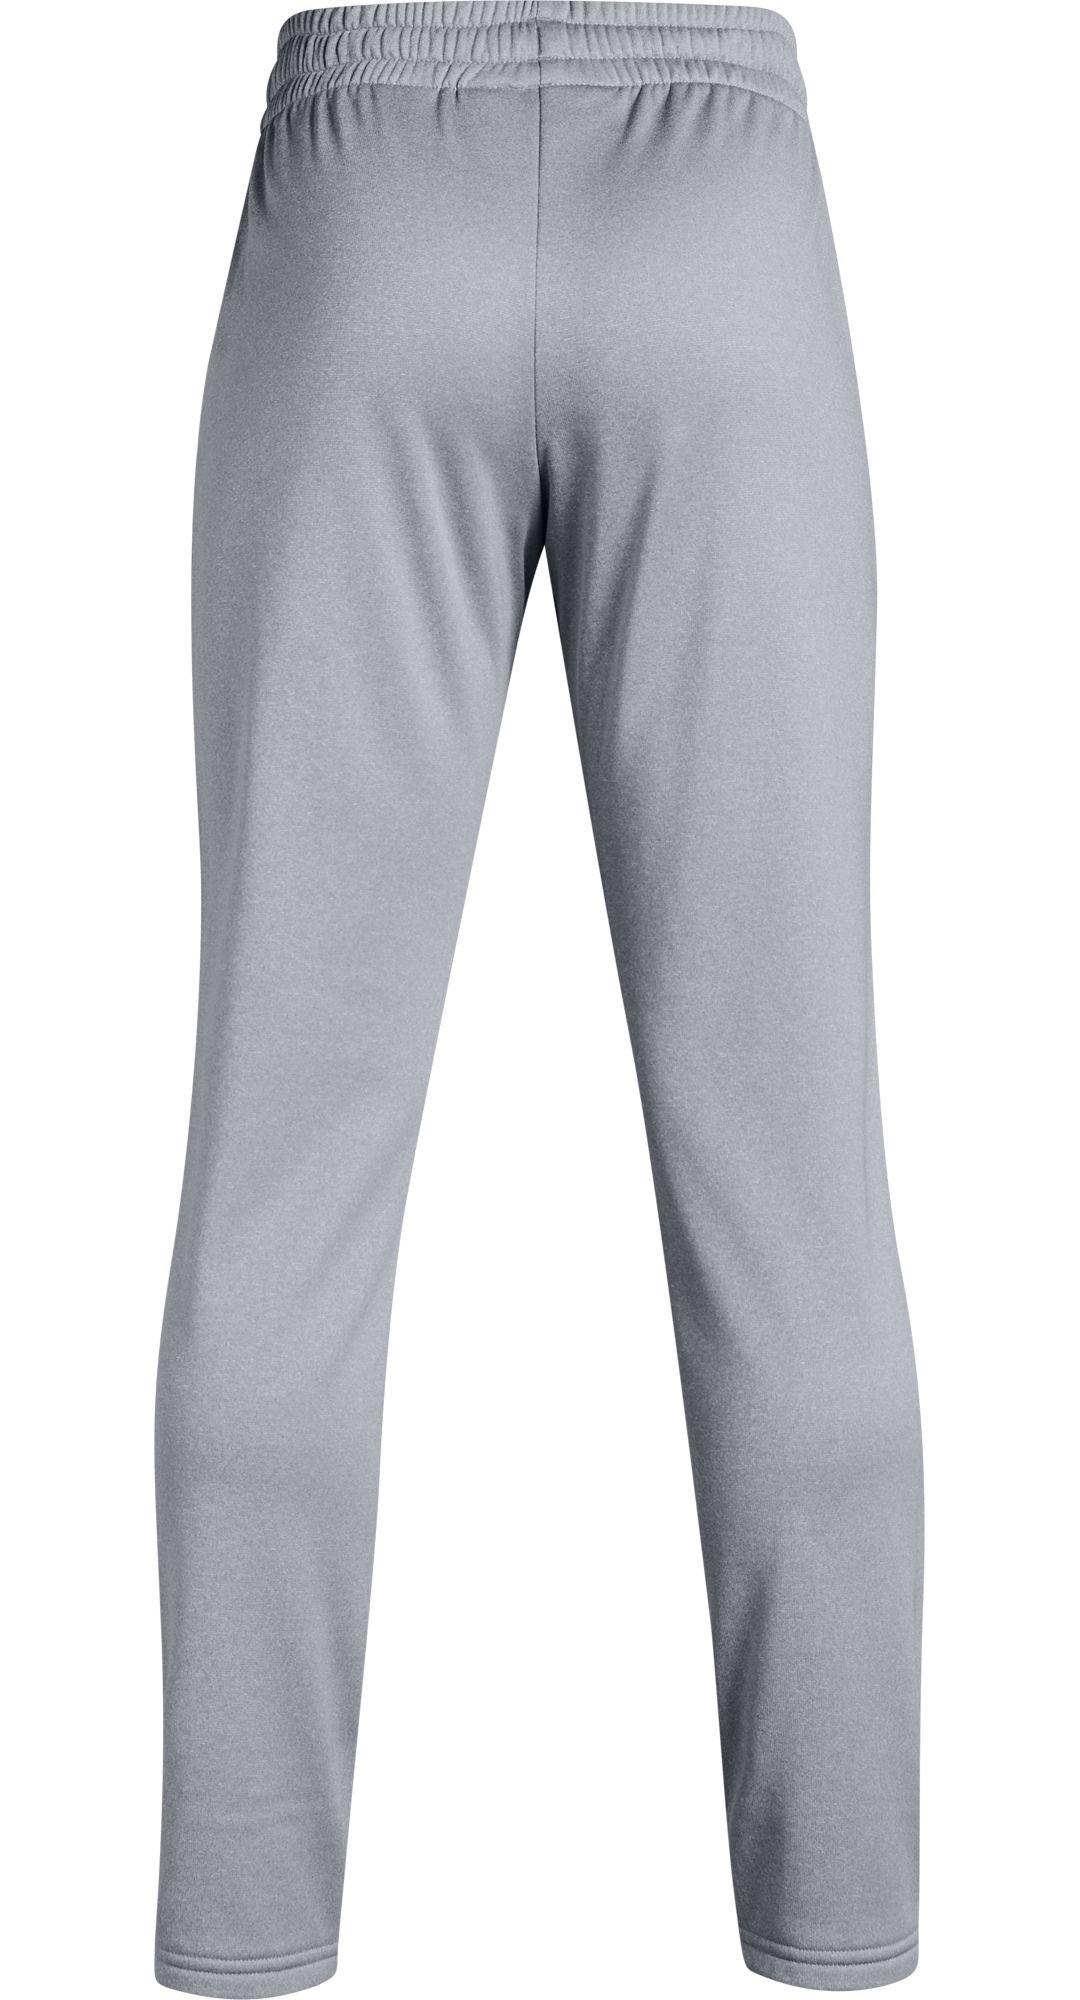 c78350220f Under Armour Boys' Armour Fleece Pants